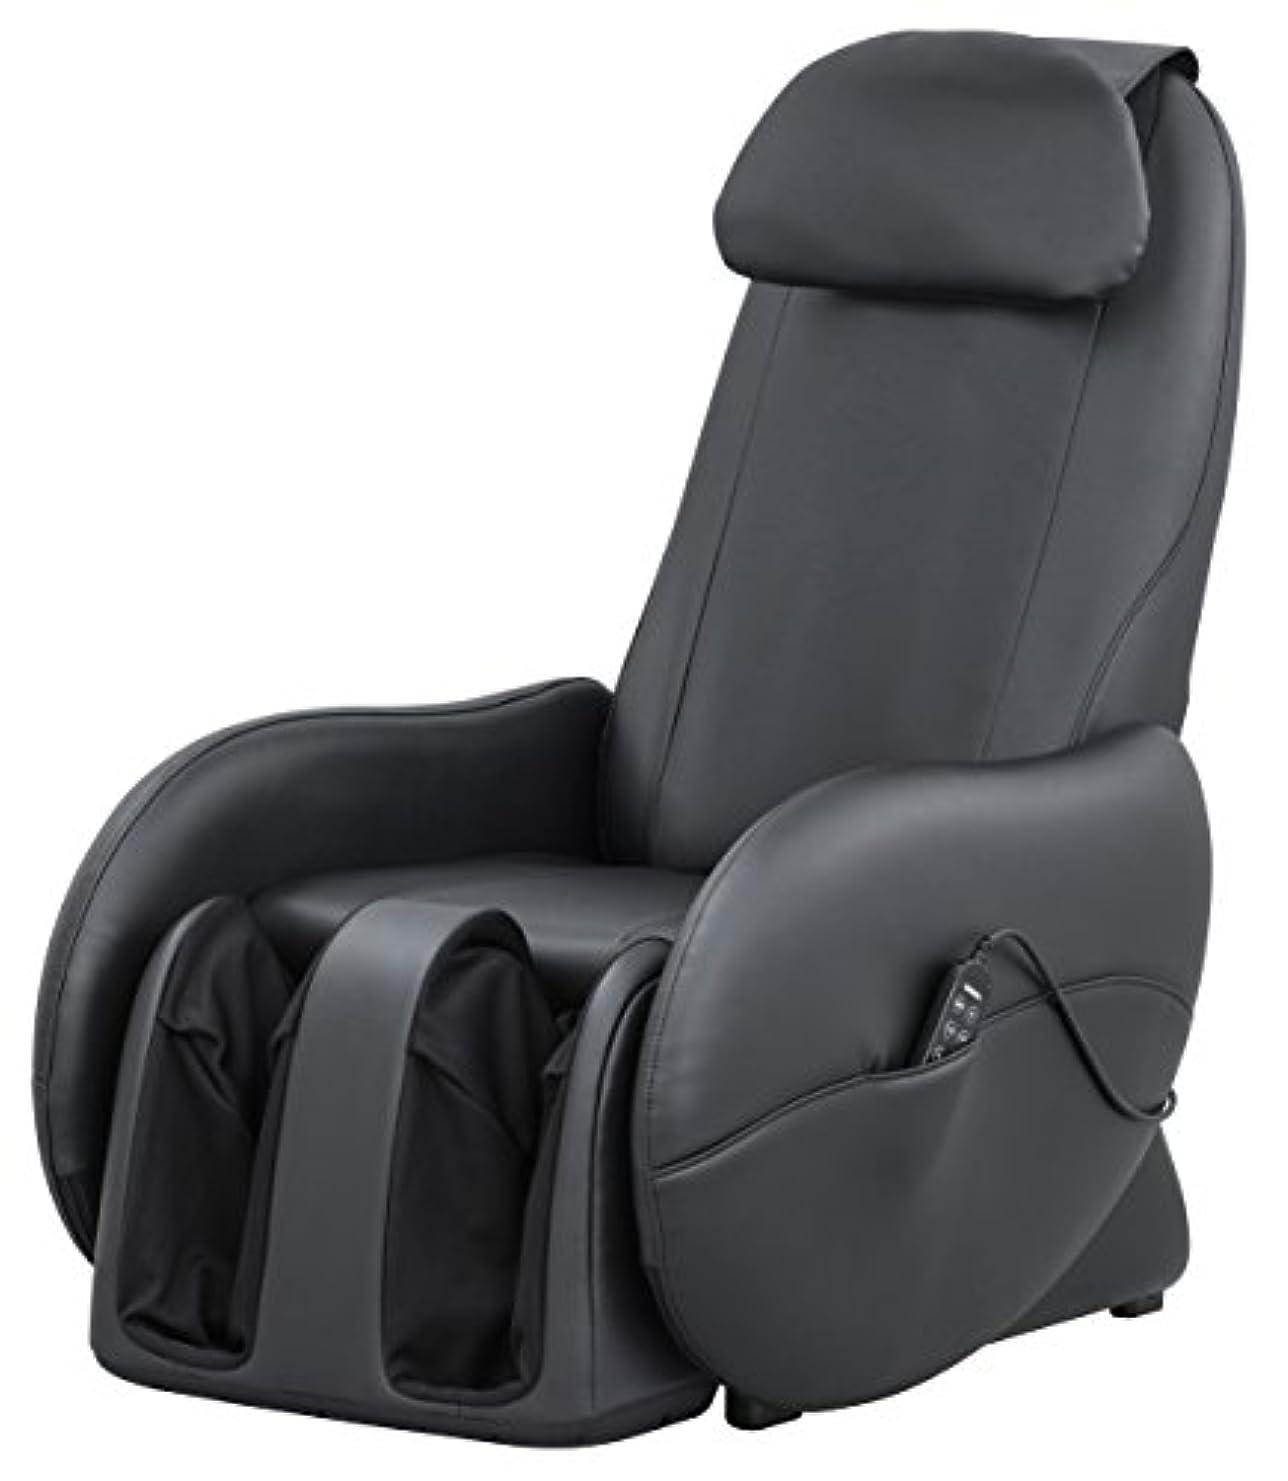 ワーカー提案する計算するスライヴ くつろぎ指定席Light マッサージチェア CHD-3700BK 正規品 ブラック おしゃれ コンパクト 小型